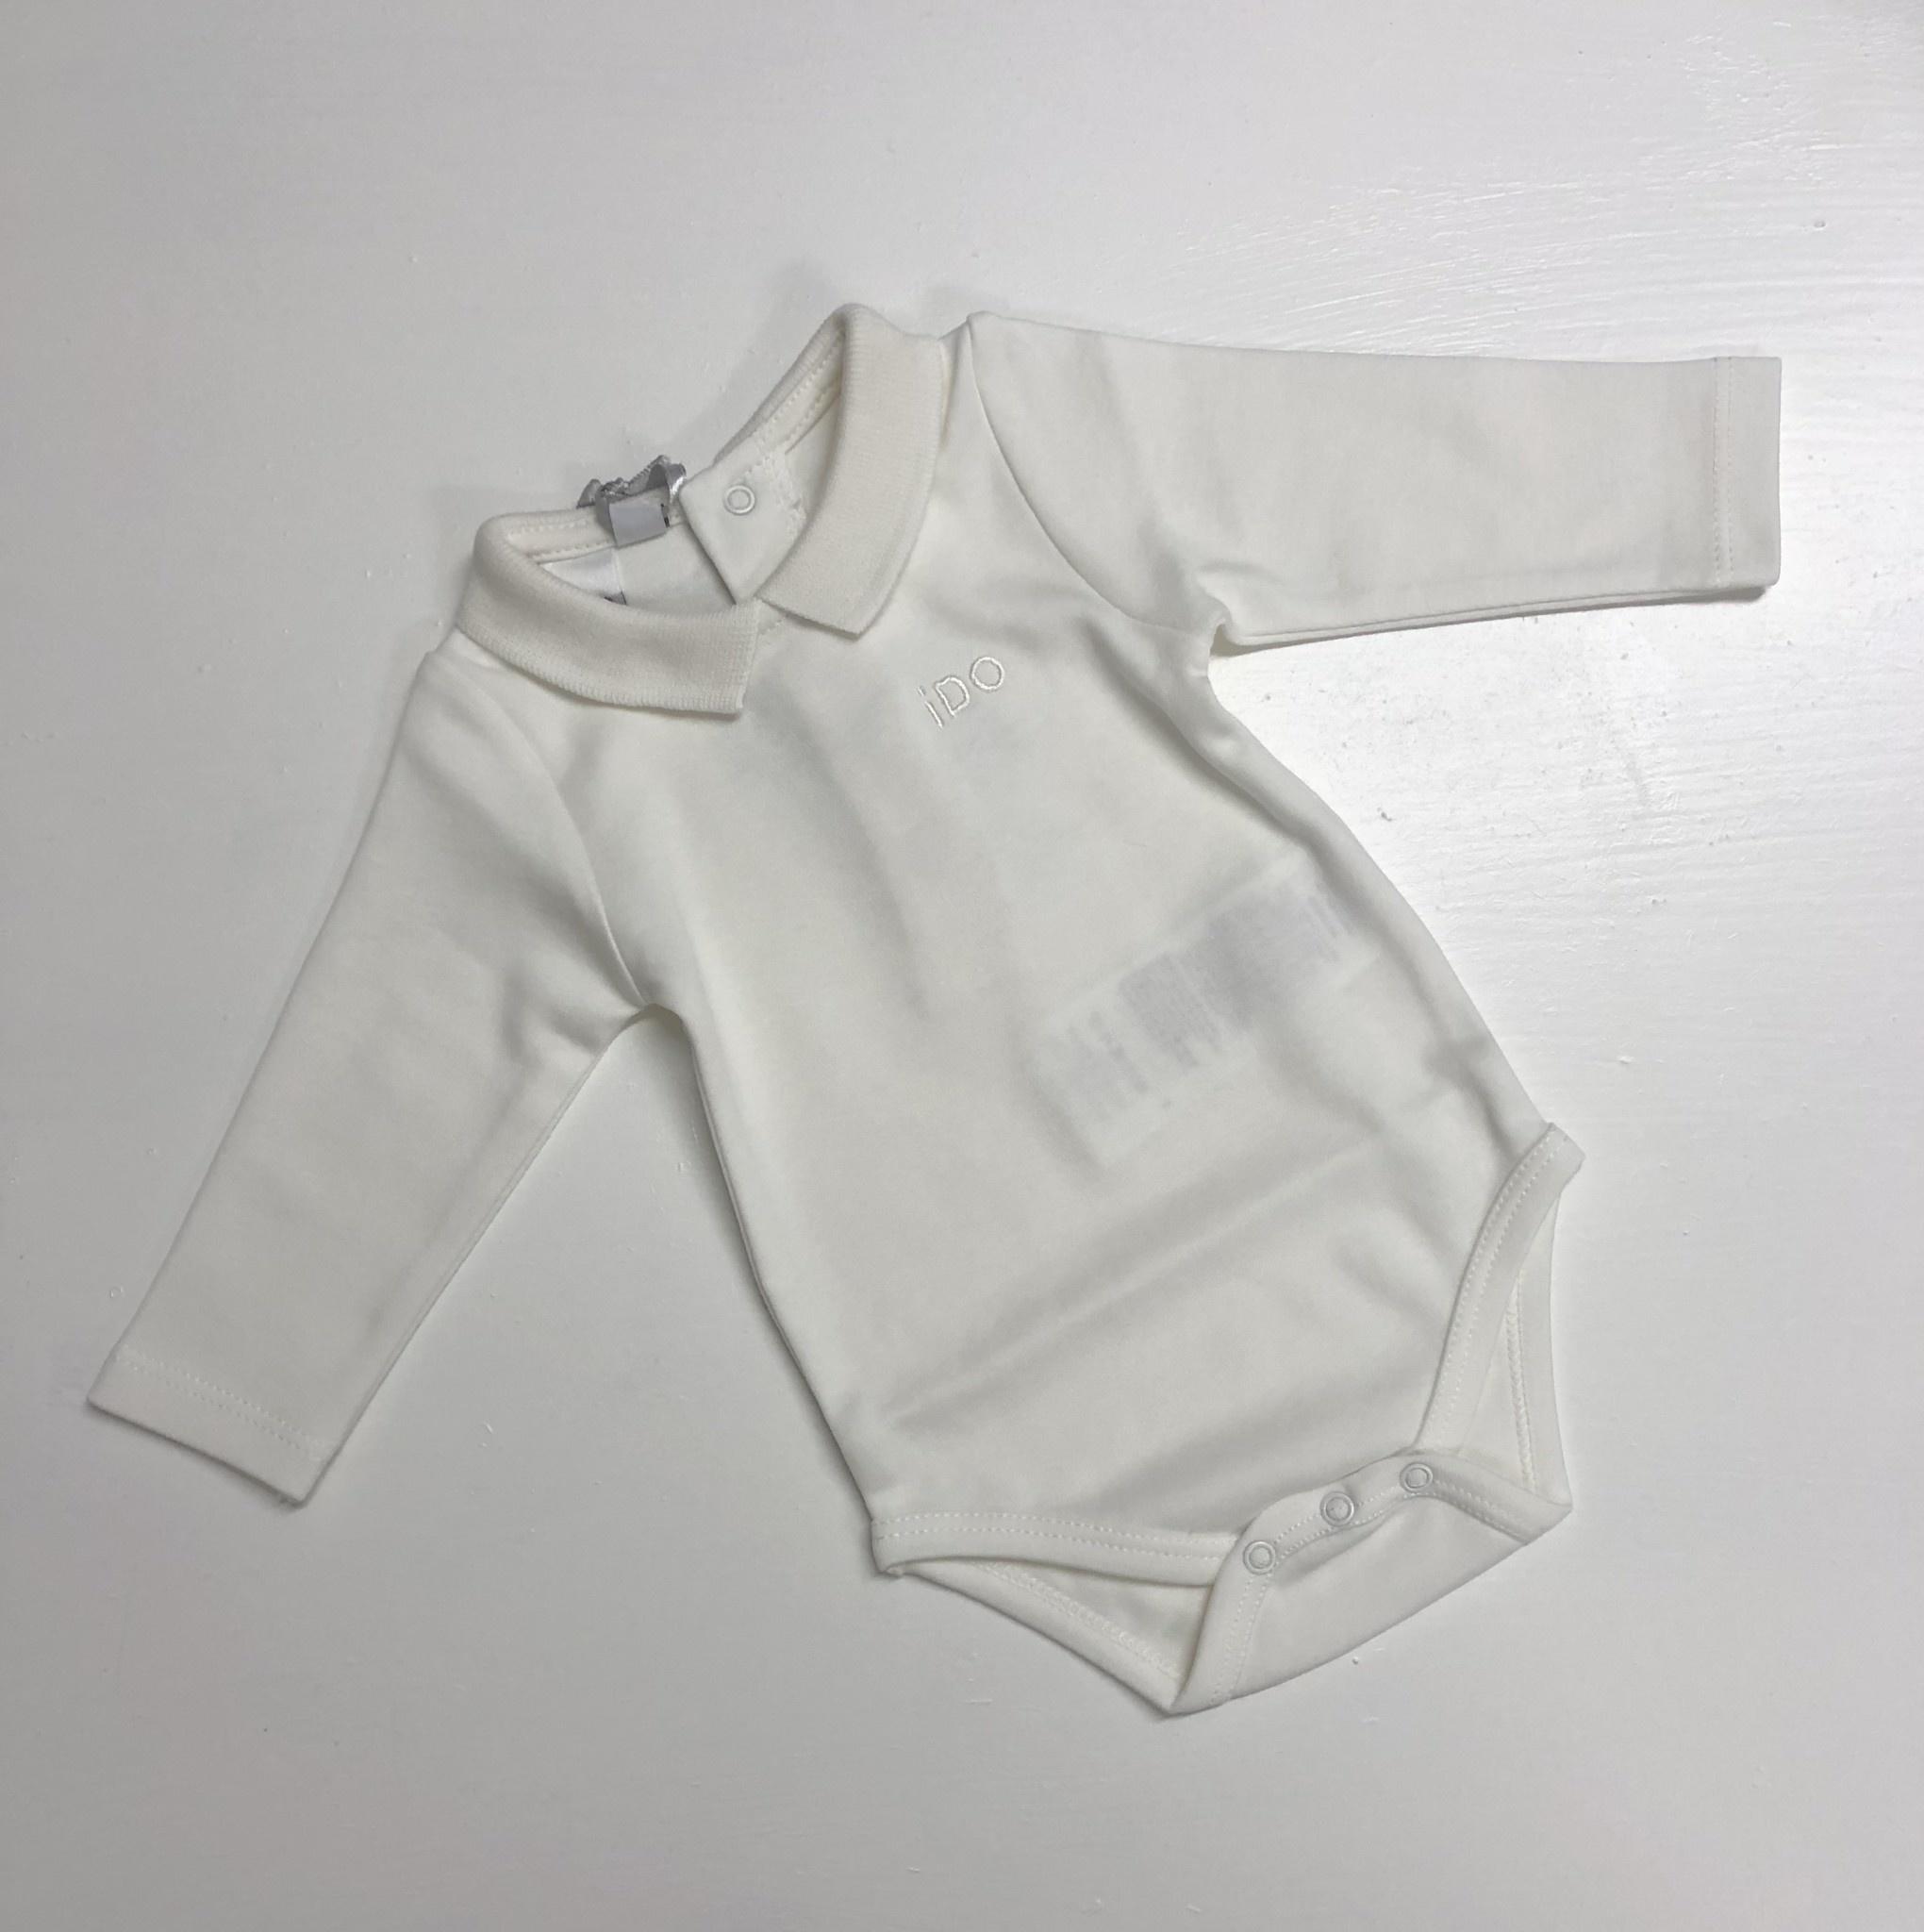 Ido Ido Winter White Polo Shirt Body